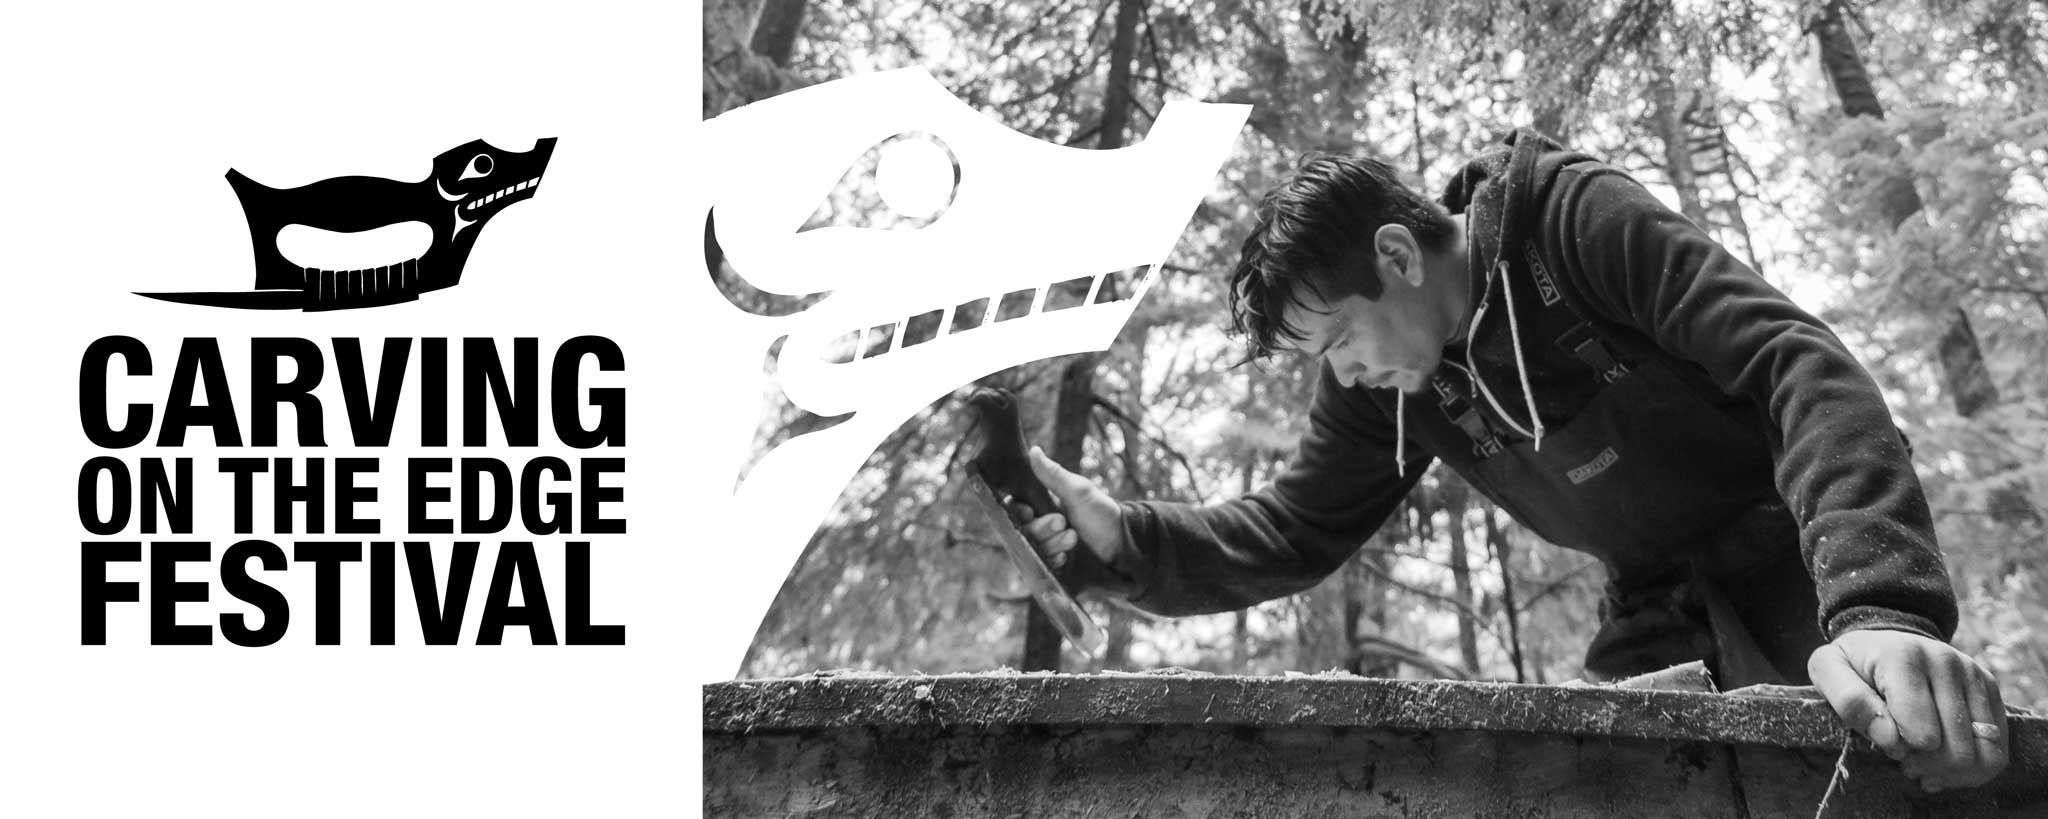 Carving-on-the-Edge-Festival-2018-Header-Banner.jpg